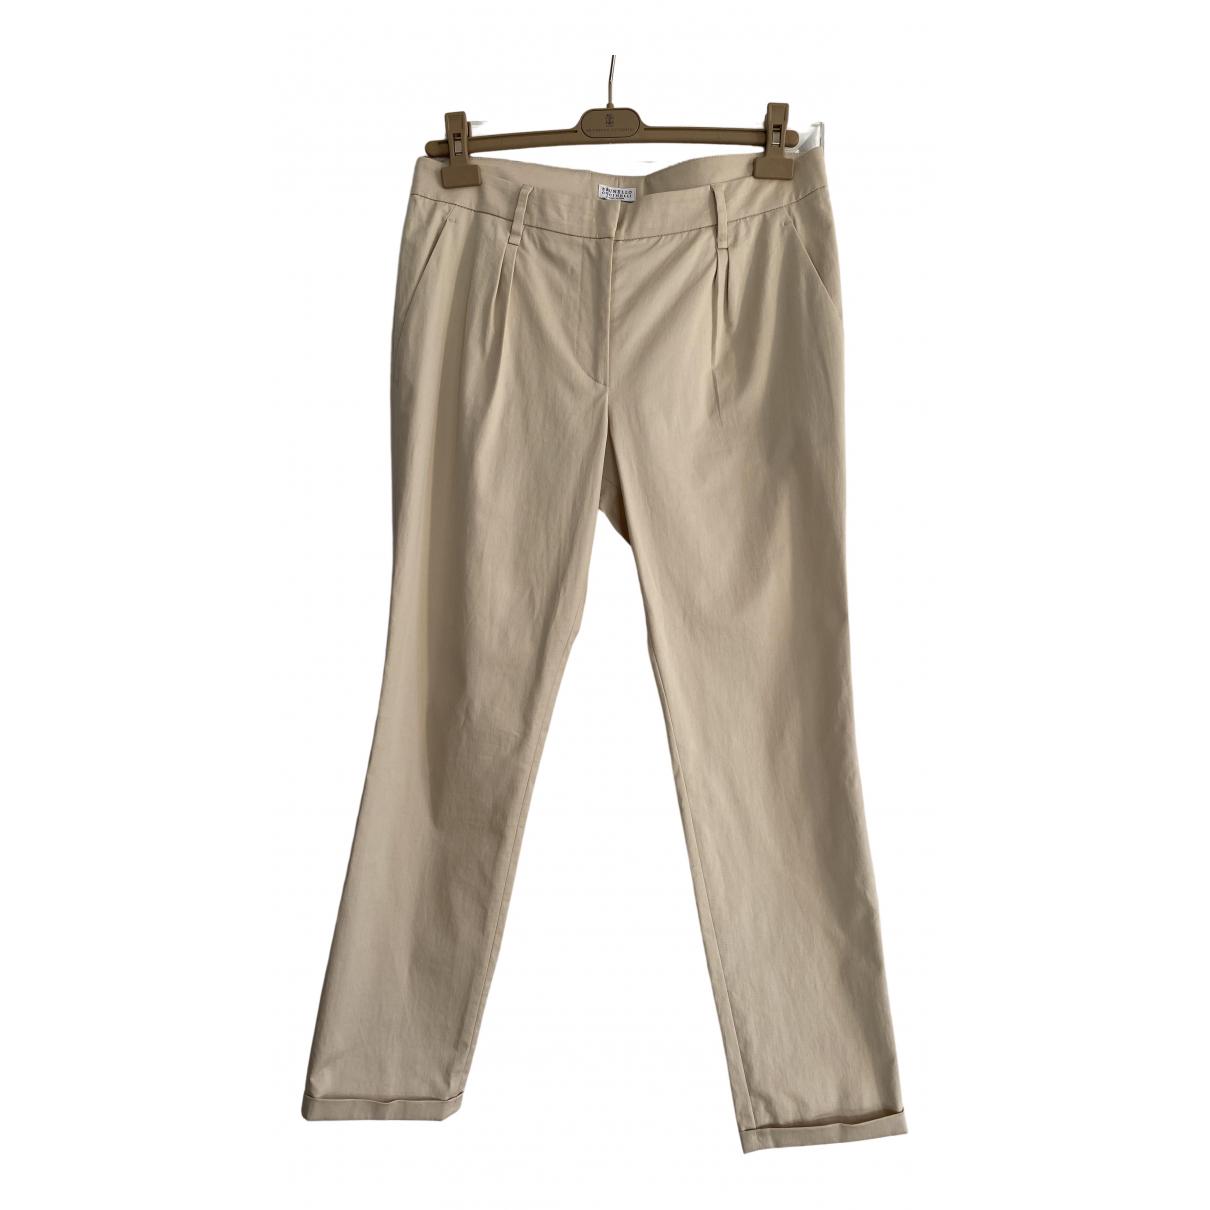 Pantalon recto Brunello Cucinelli